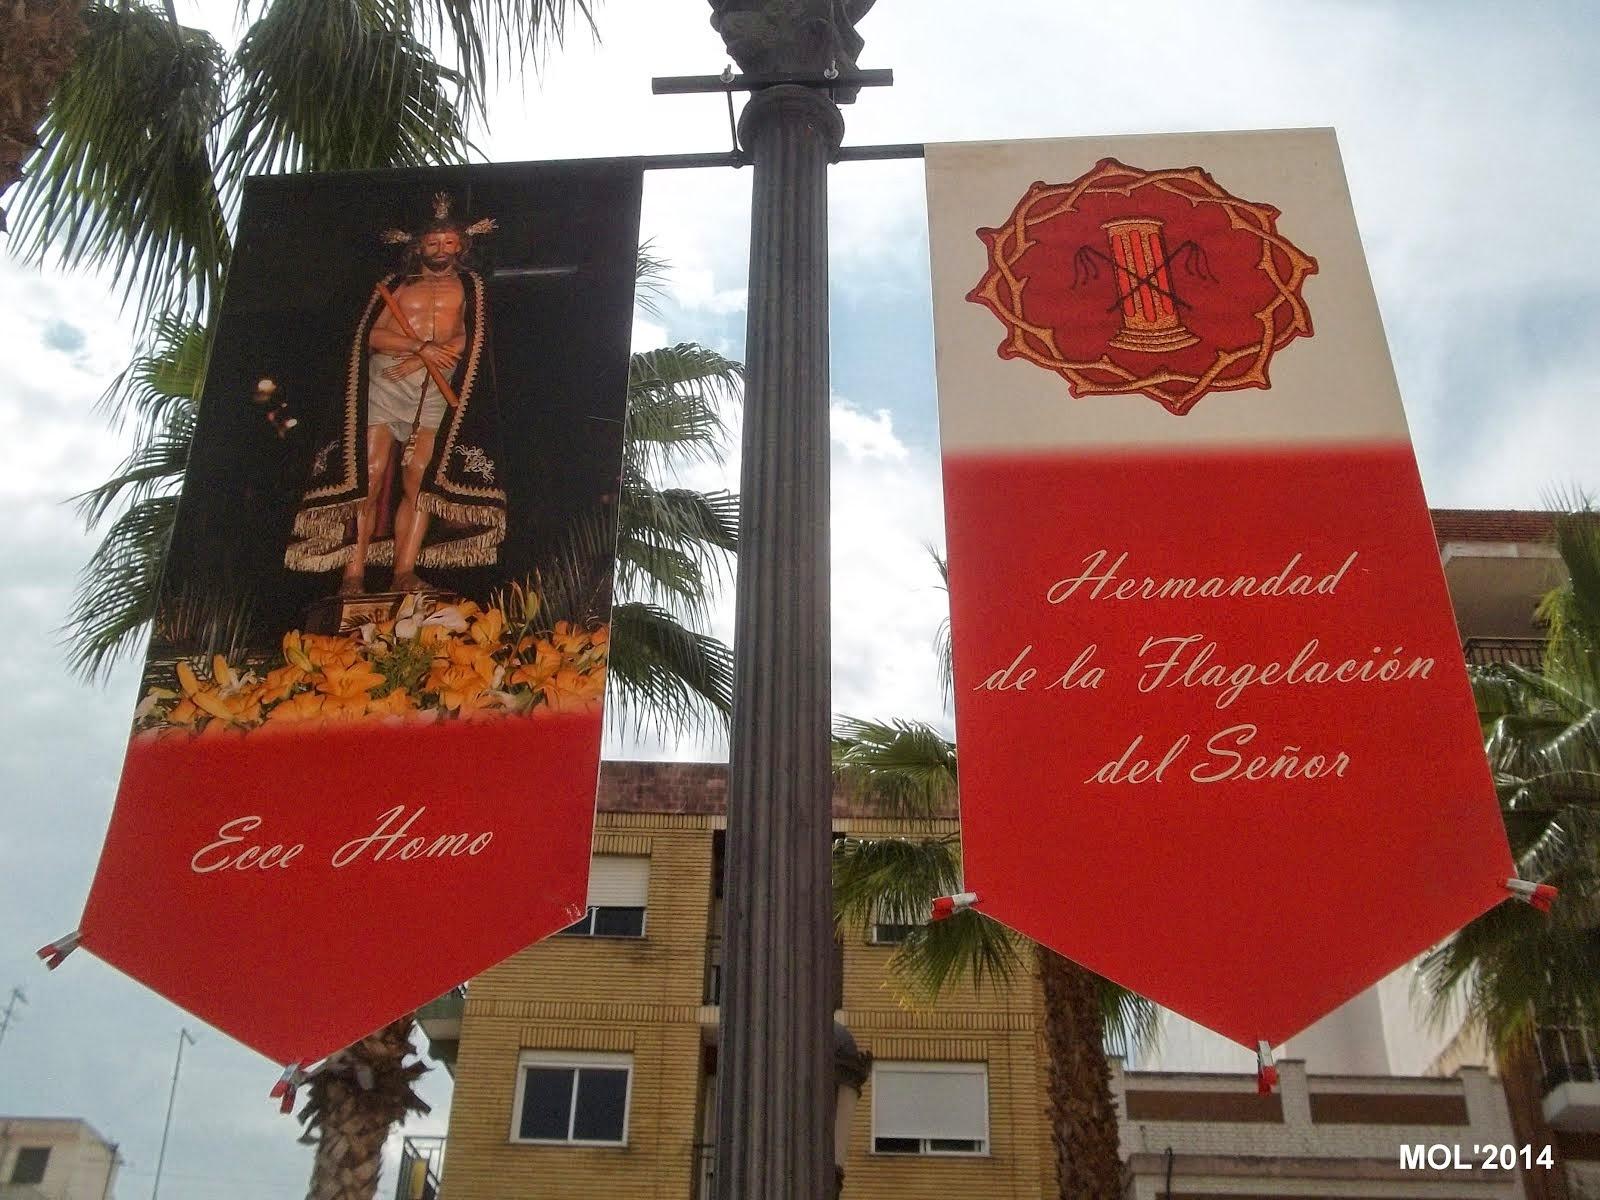 PROCESIÓN DE LA HERMANDAD DE LA FLAGELACIÓN: 14.04.14